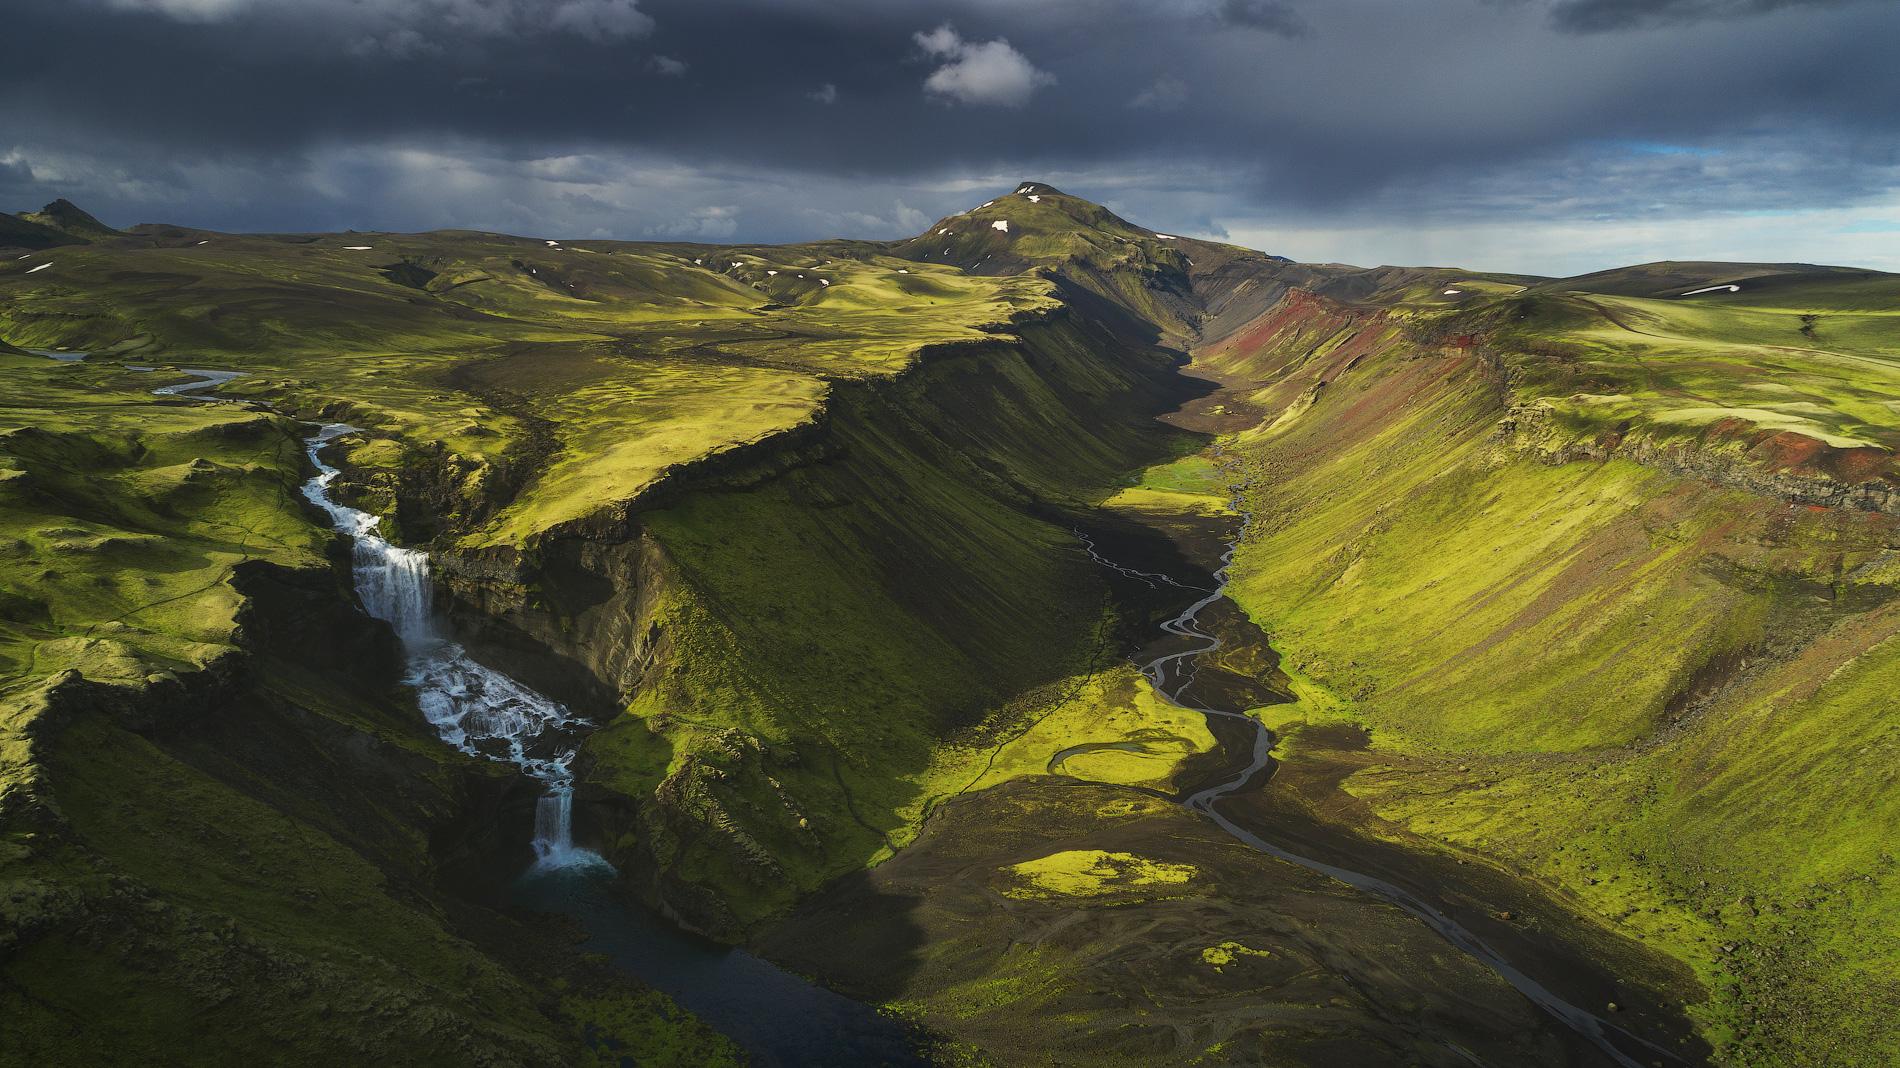 หุบเขาที่น่าตื่นตาในบริเวณที่ราบสูงไอซ์แลนด์.